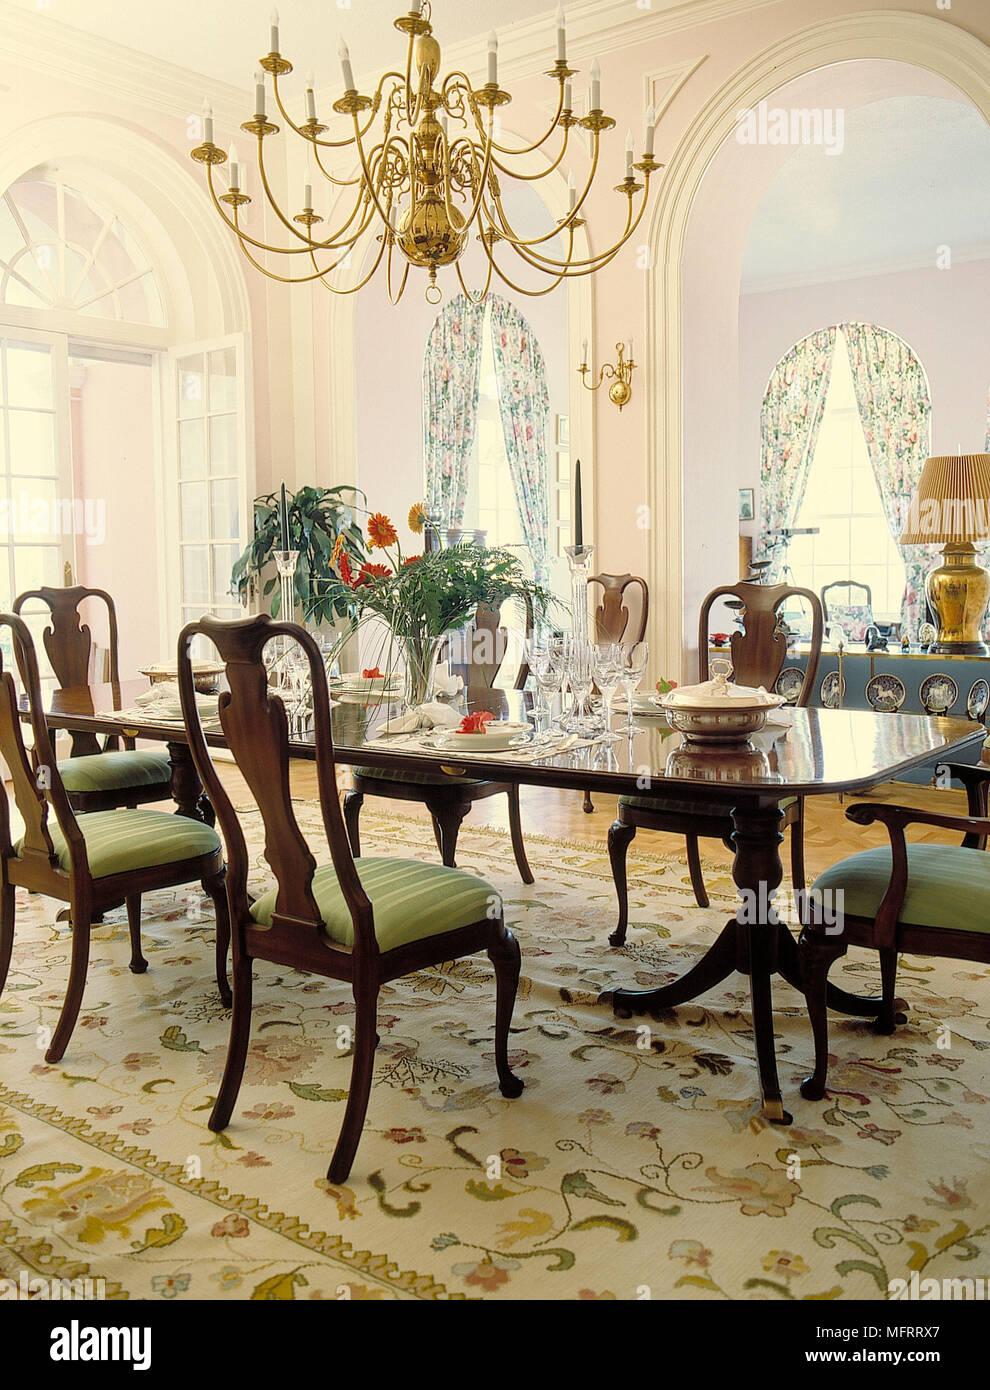 Plus De Lustre Table A Manger En Bois Et Des Chaises Dans La Salle Cossue Photo Stock Alamy